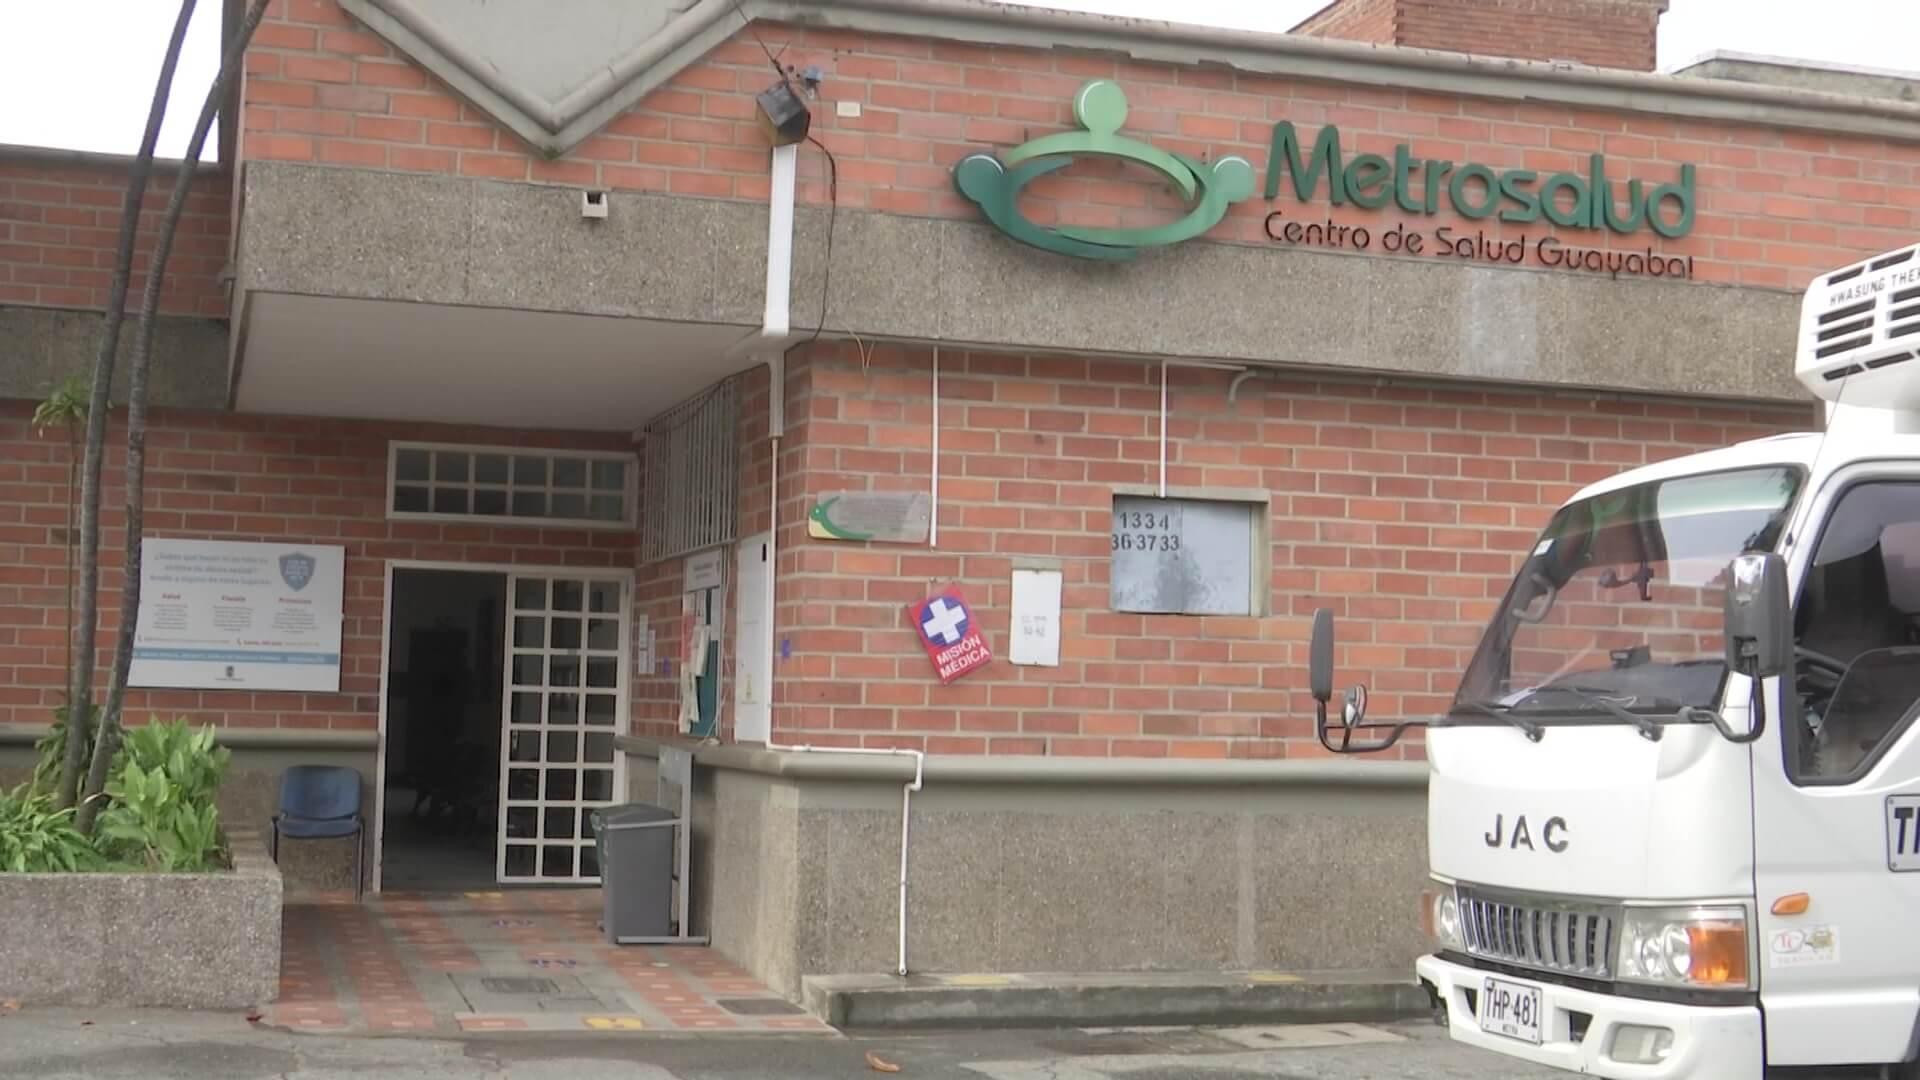 Para optimizar servicios, Metrosalud cerró 16 de sus sedes